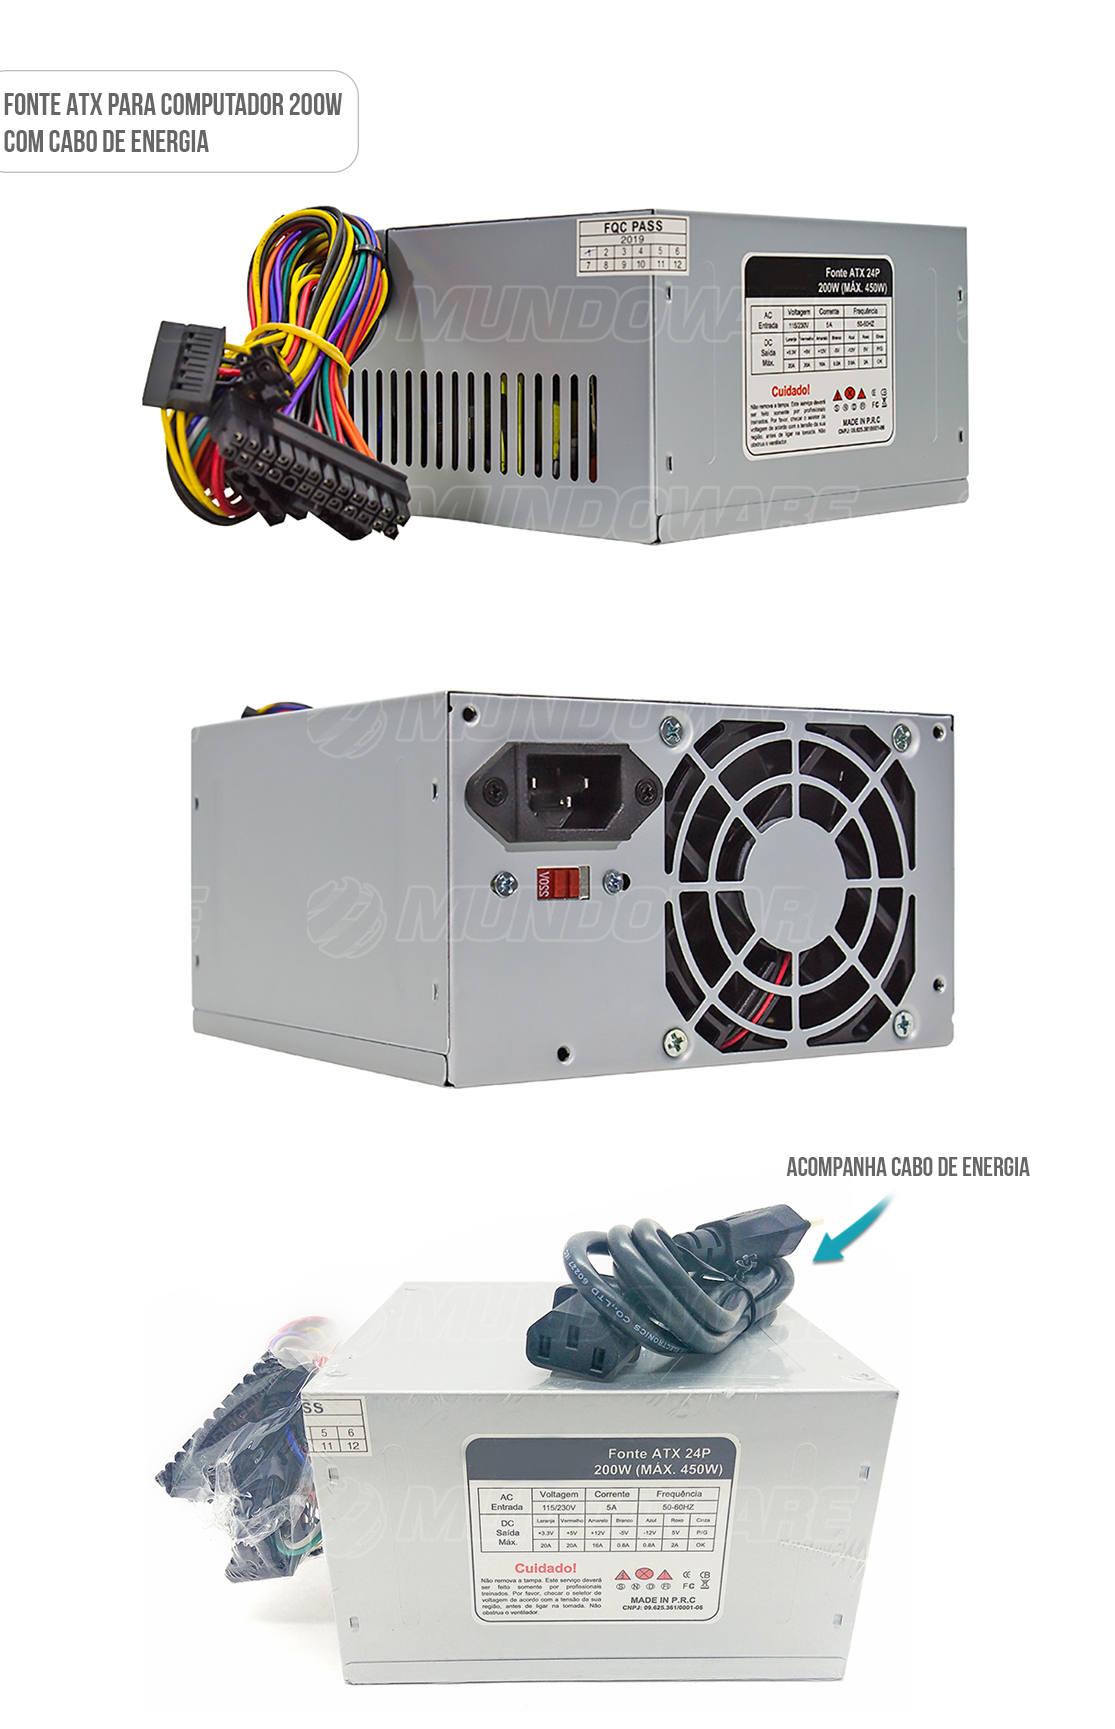 Fonte ATX para computador comum